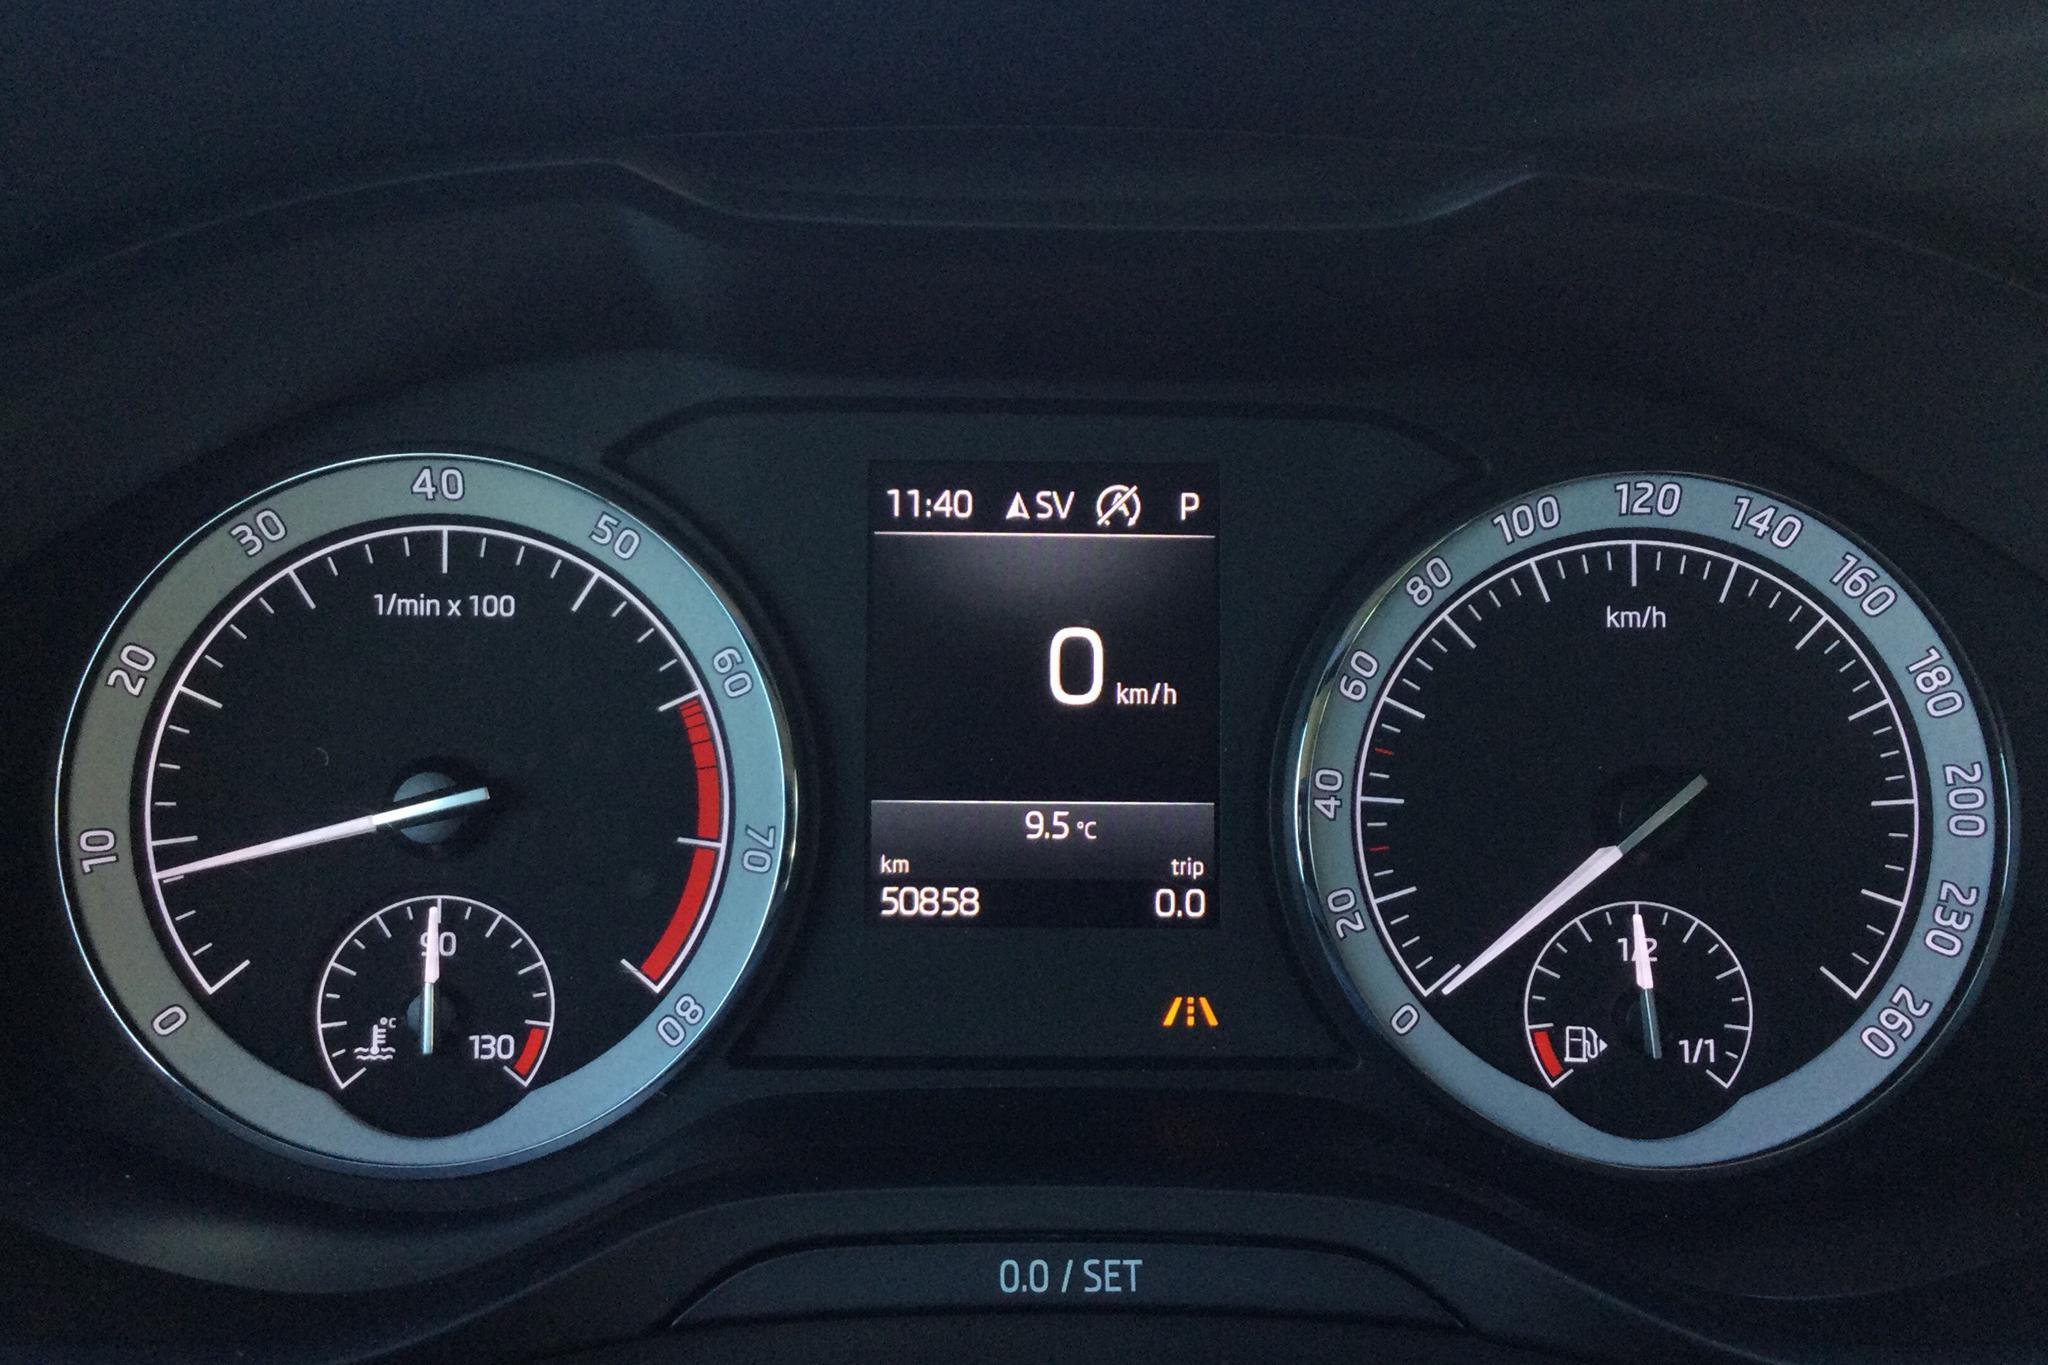 Skoda Kodiaq 2.0 TSI 4X4 (180hk) - 50 850 km - Automatic - white - 2018